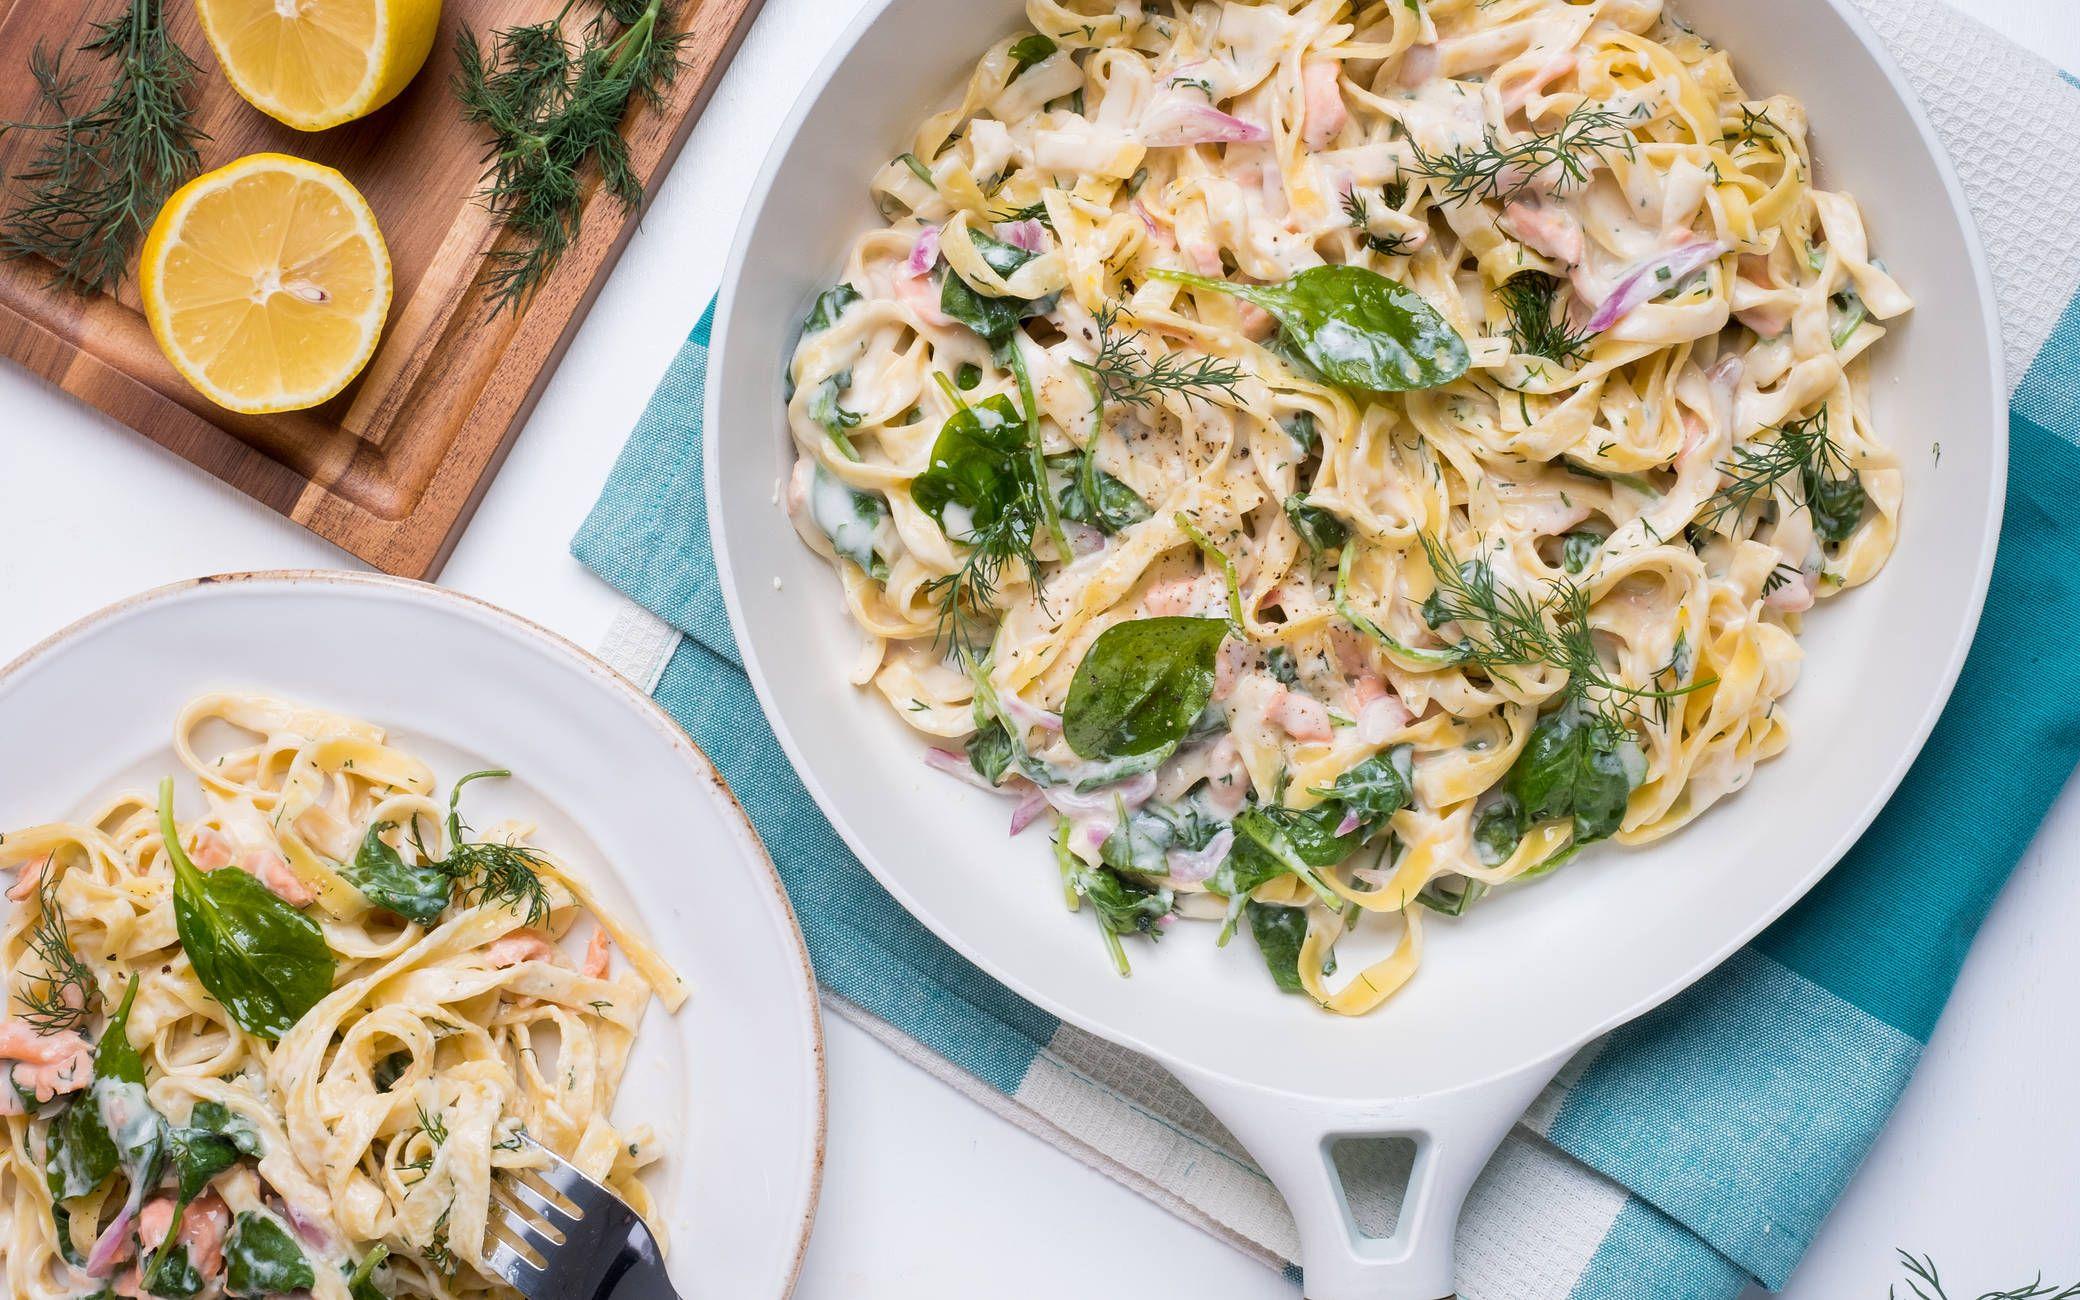 One-Pot Pasta | Recette (avec images) | Saumon fumé, Pates ...